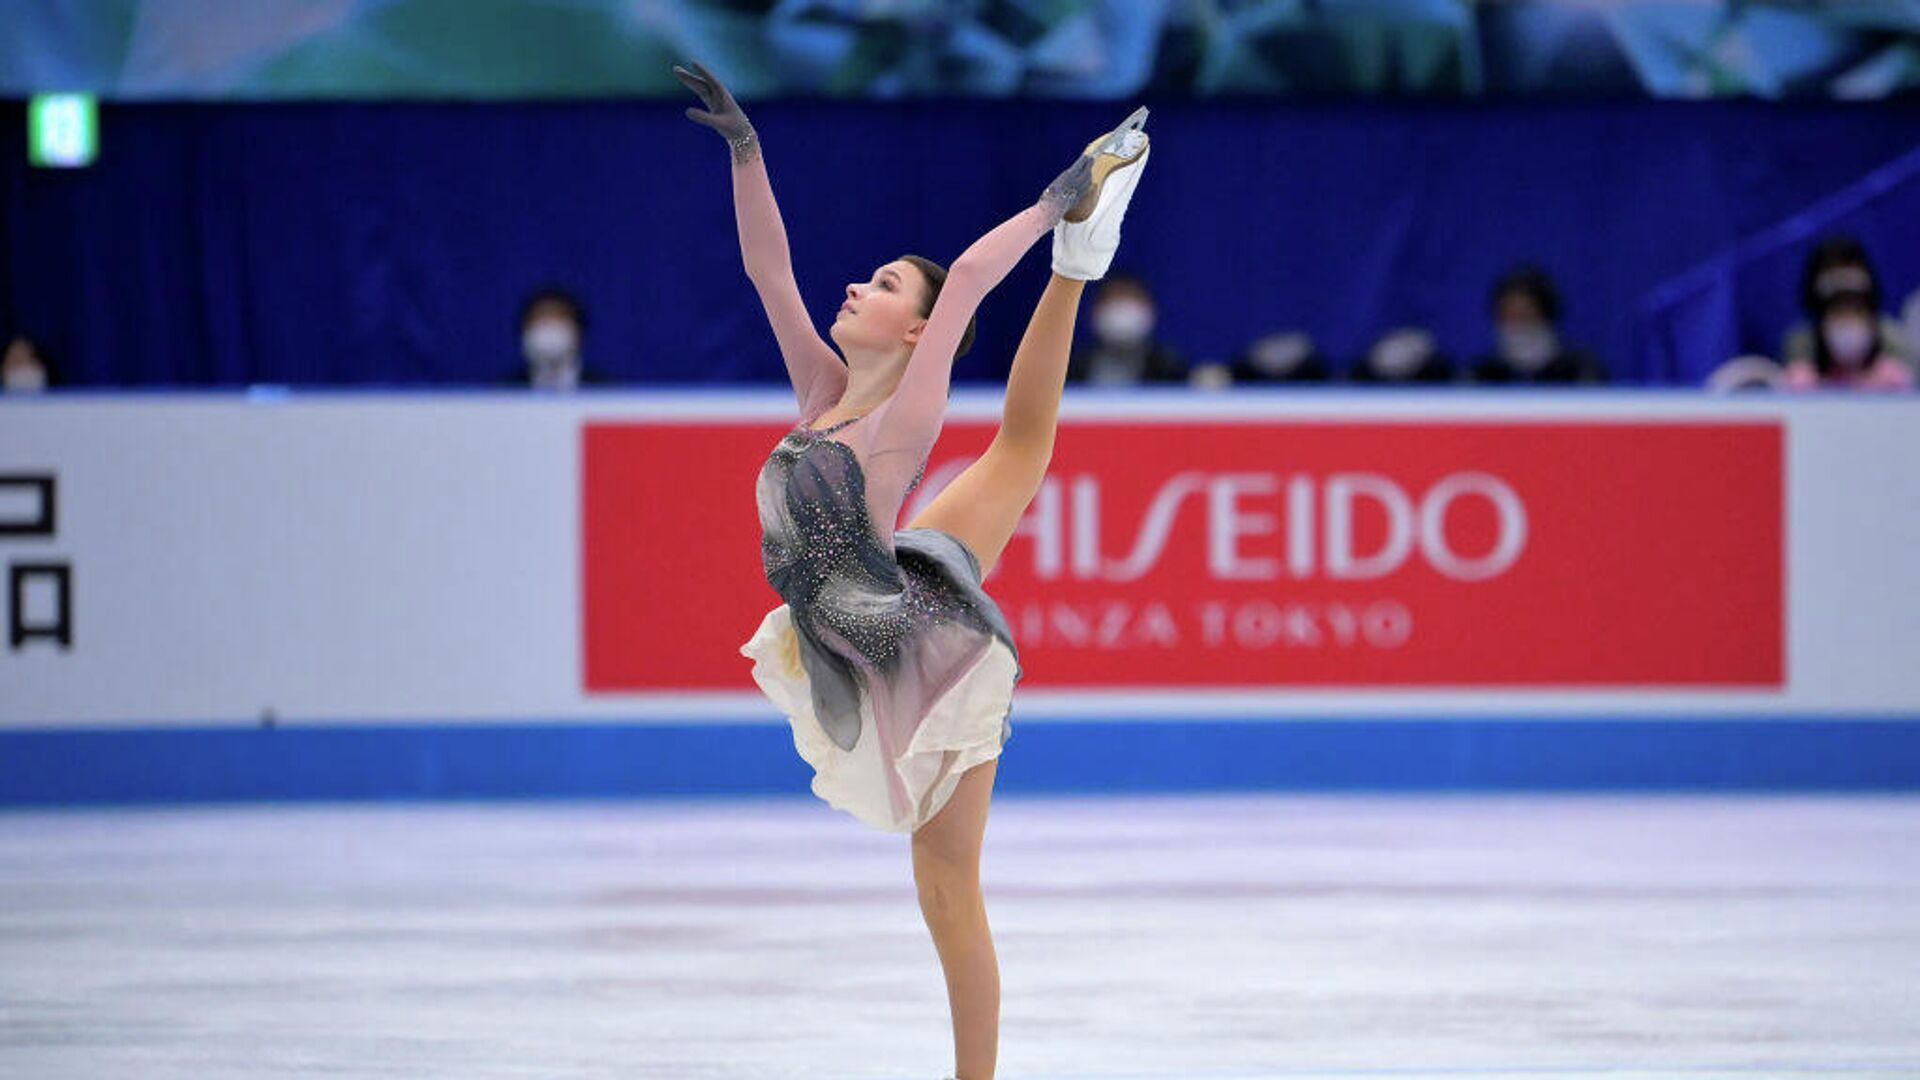 Анна Щербакова выступает на командном чемпионате мира по фигурному катанию в Осаке, Япония - РИА Новости, 1920, 29.06.2021